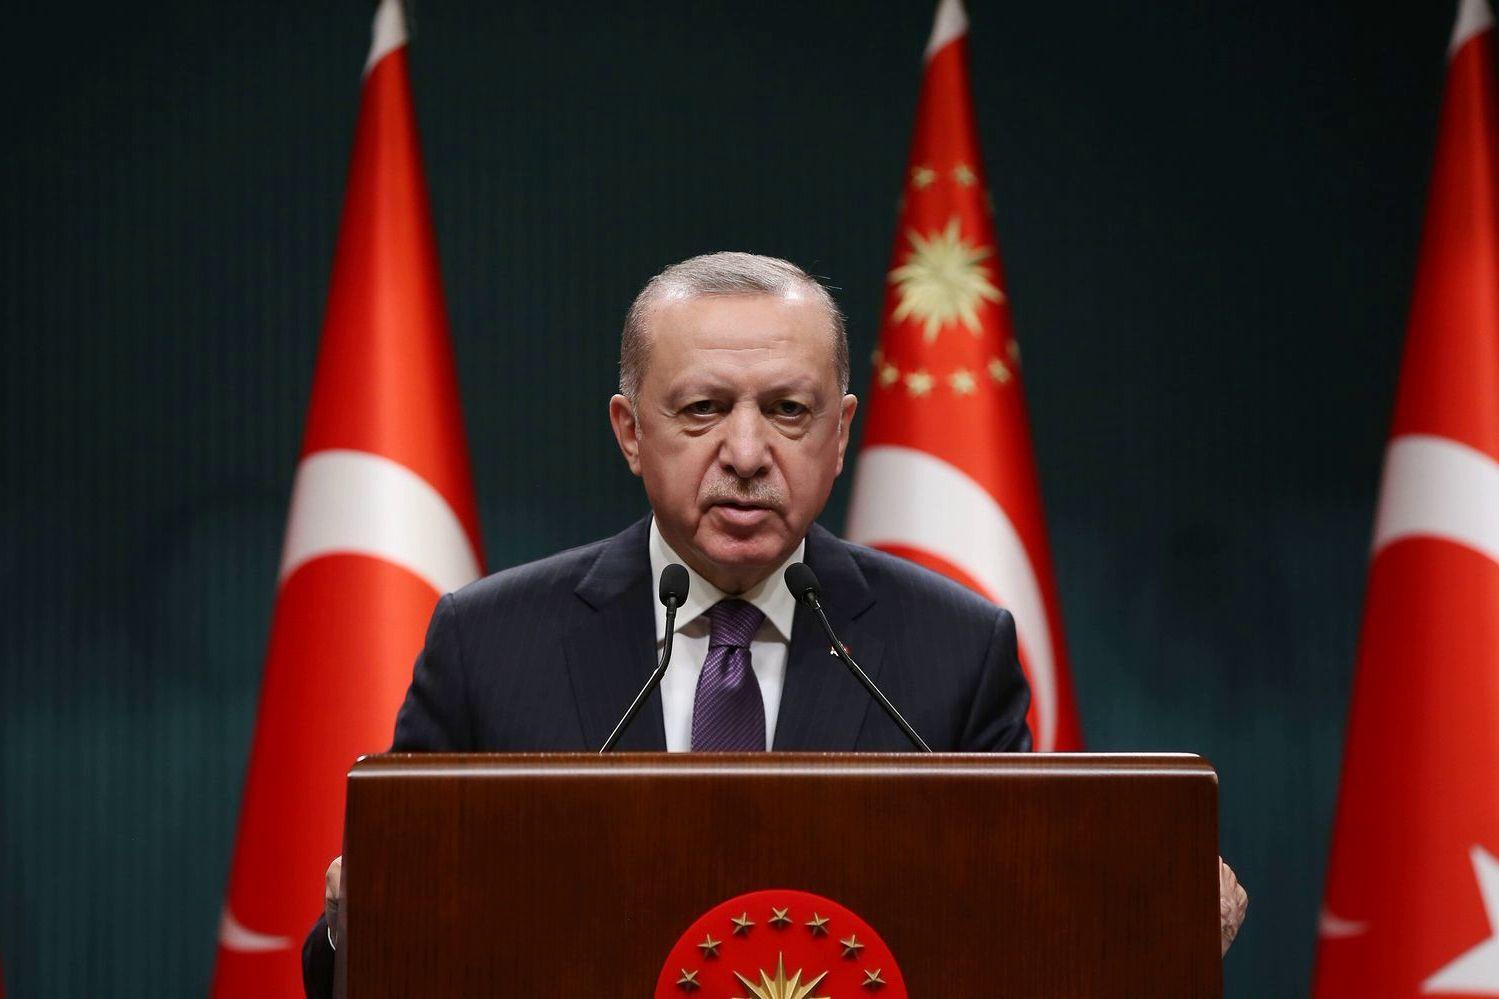 """Эрдоган поддержал ХАМАС в его войне с Израилем и пообещал """"действия"""", как в Карабахе и Сирии"""